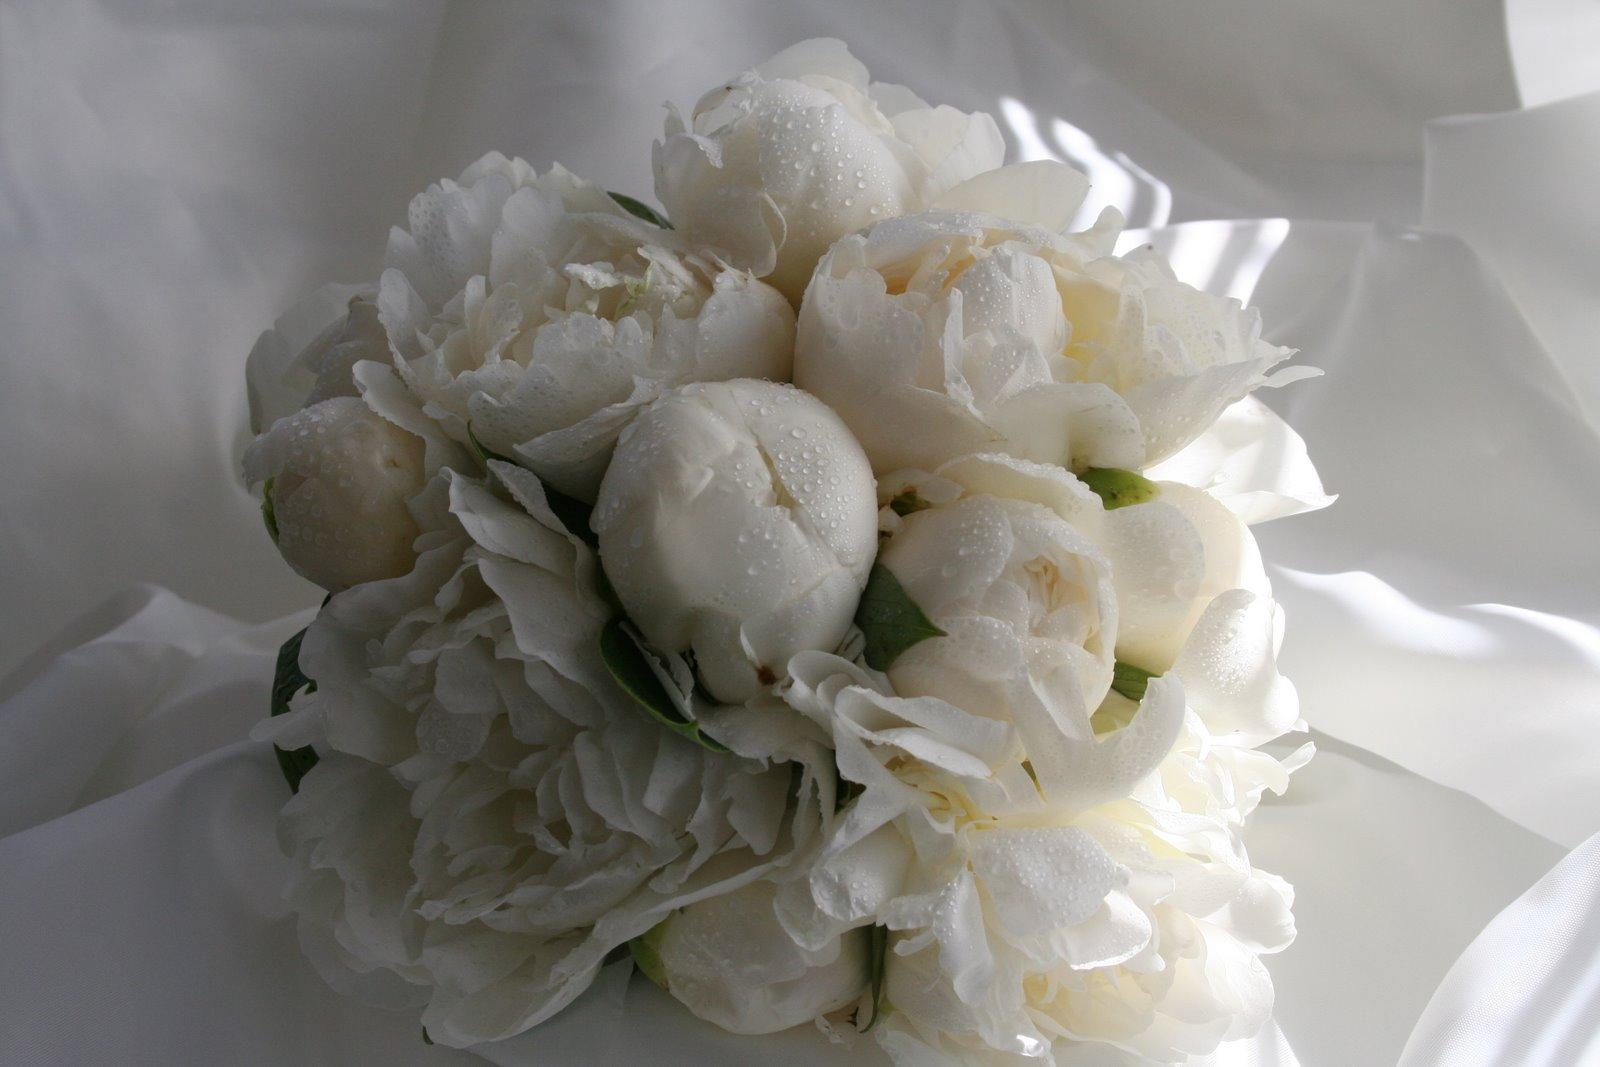 White Flowers For Wedding 6 Background Wallpaper Hdflowerwallpaper